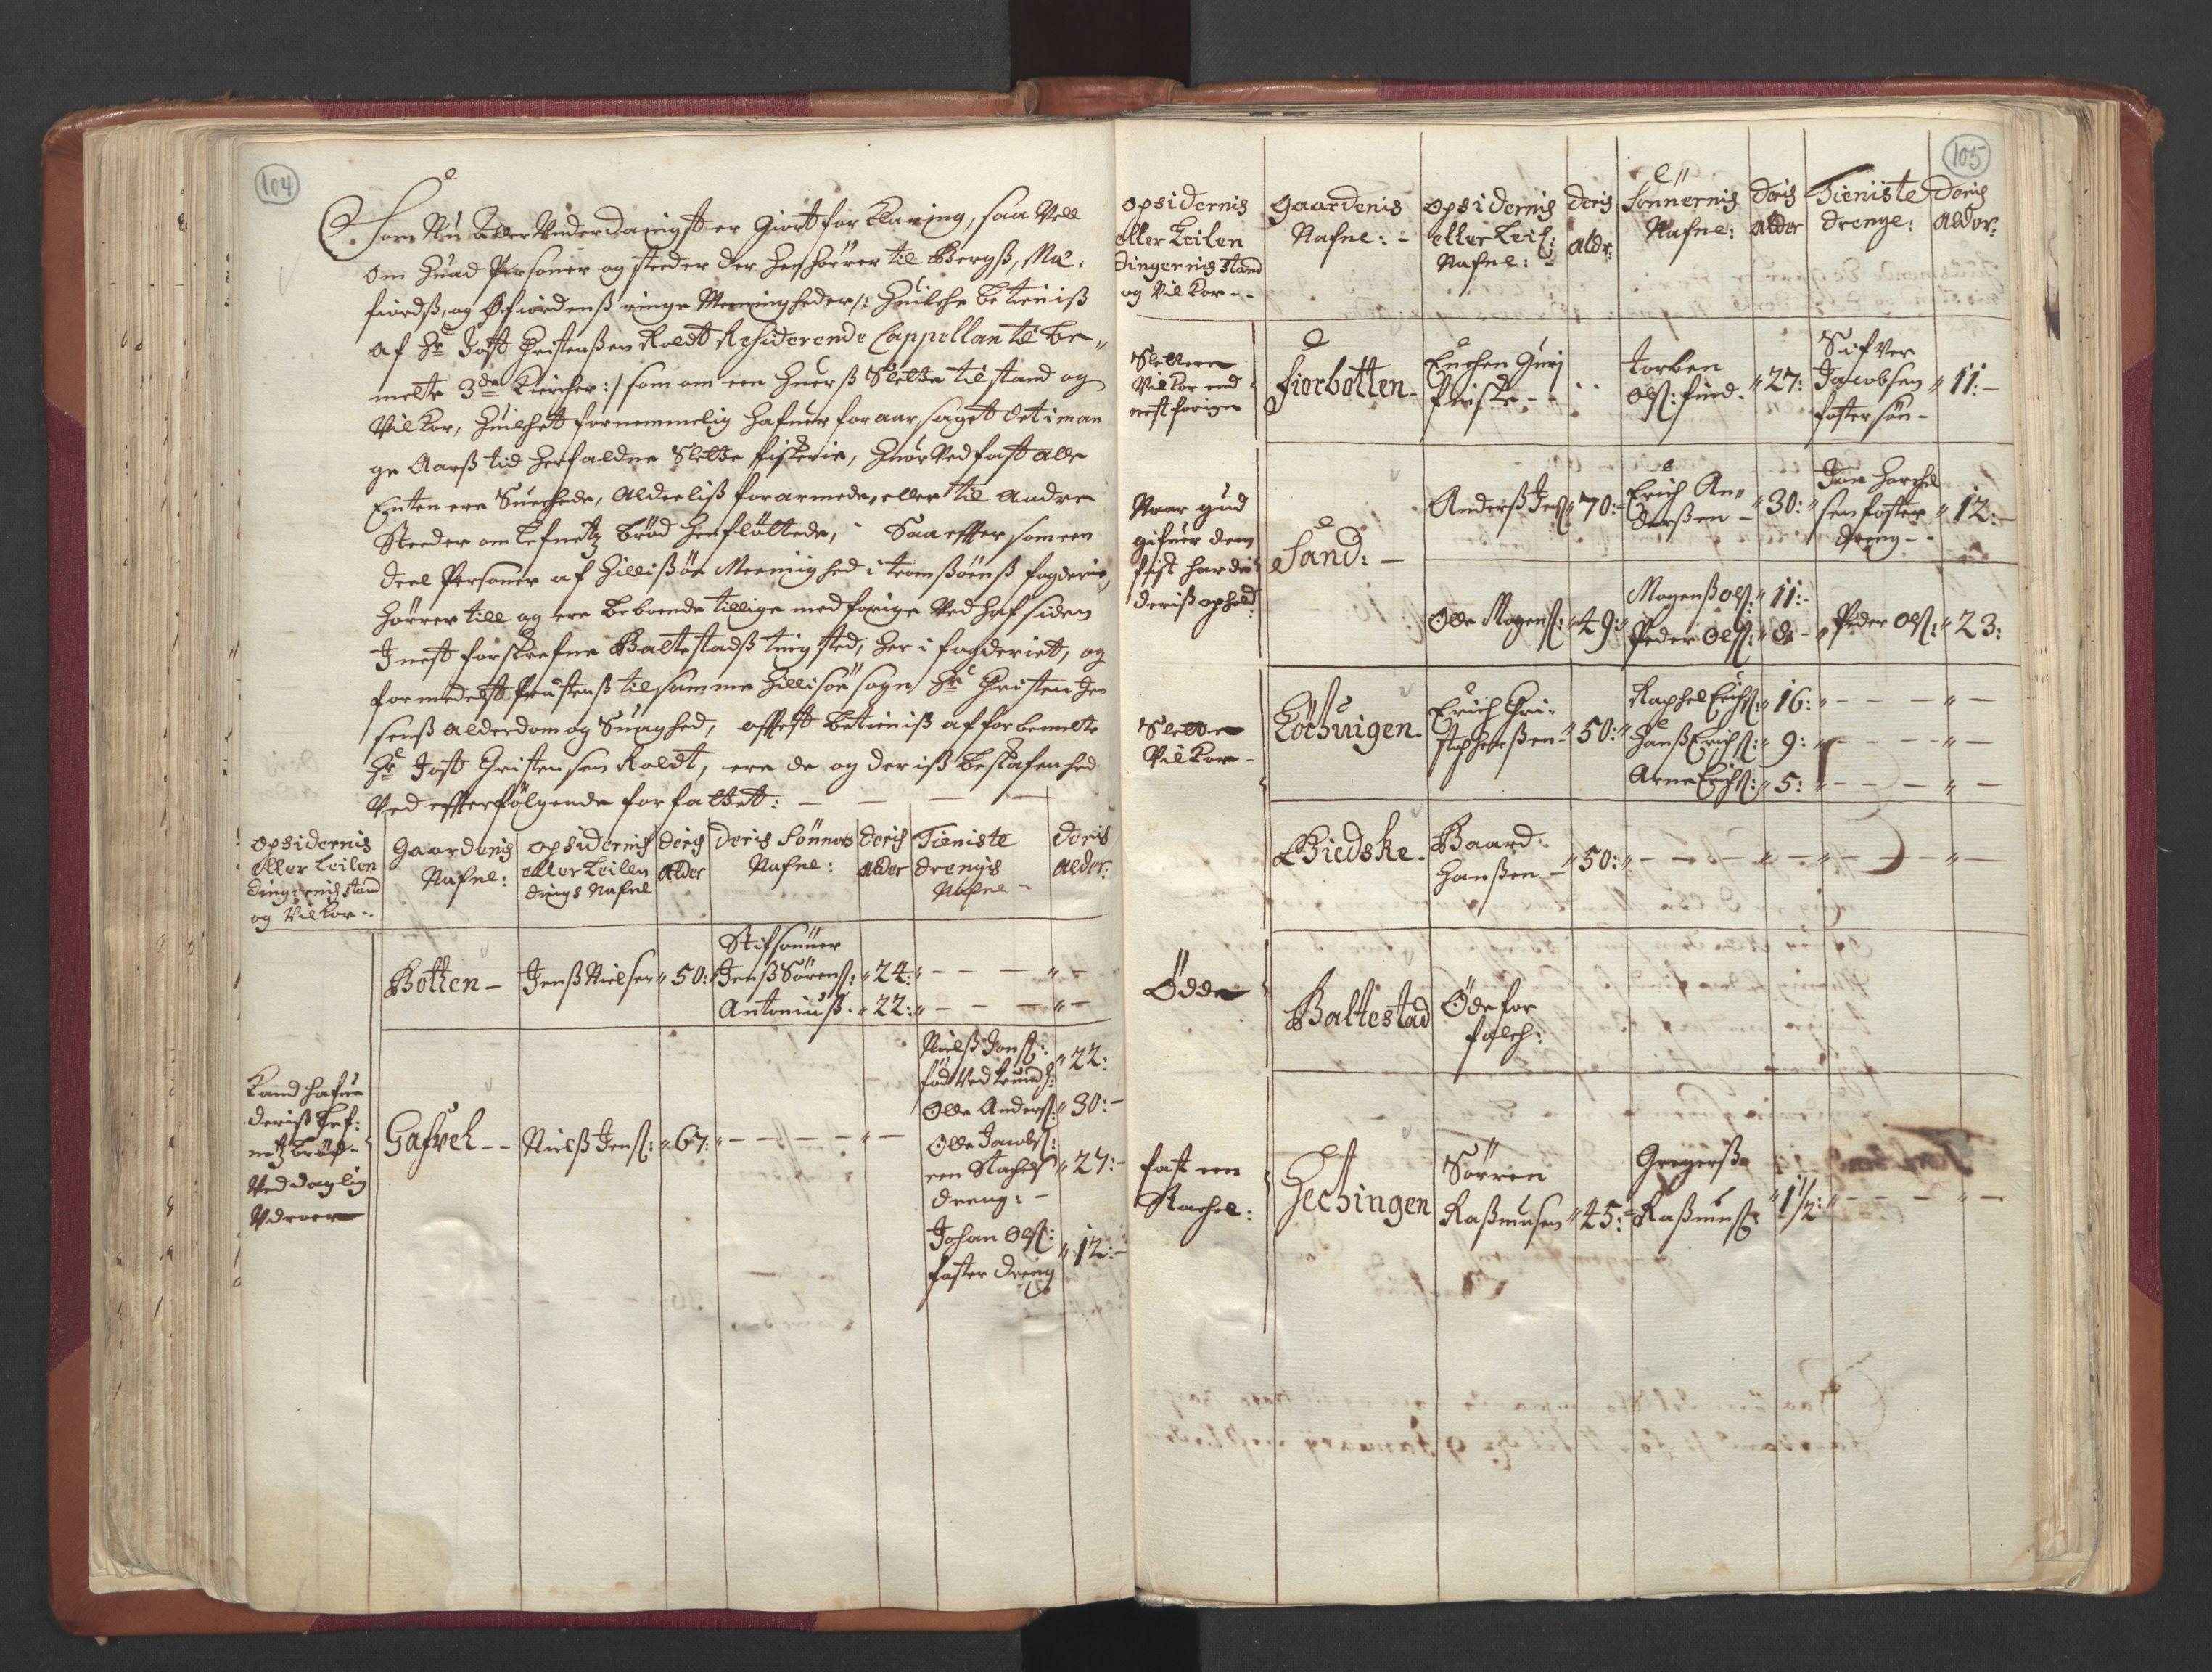 RA, Manntallet 1701, nr. 19: Senja og Tromsø fogderi, 1701, s. 104-105